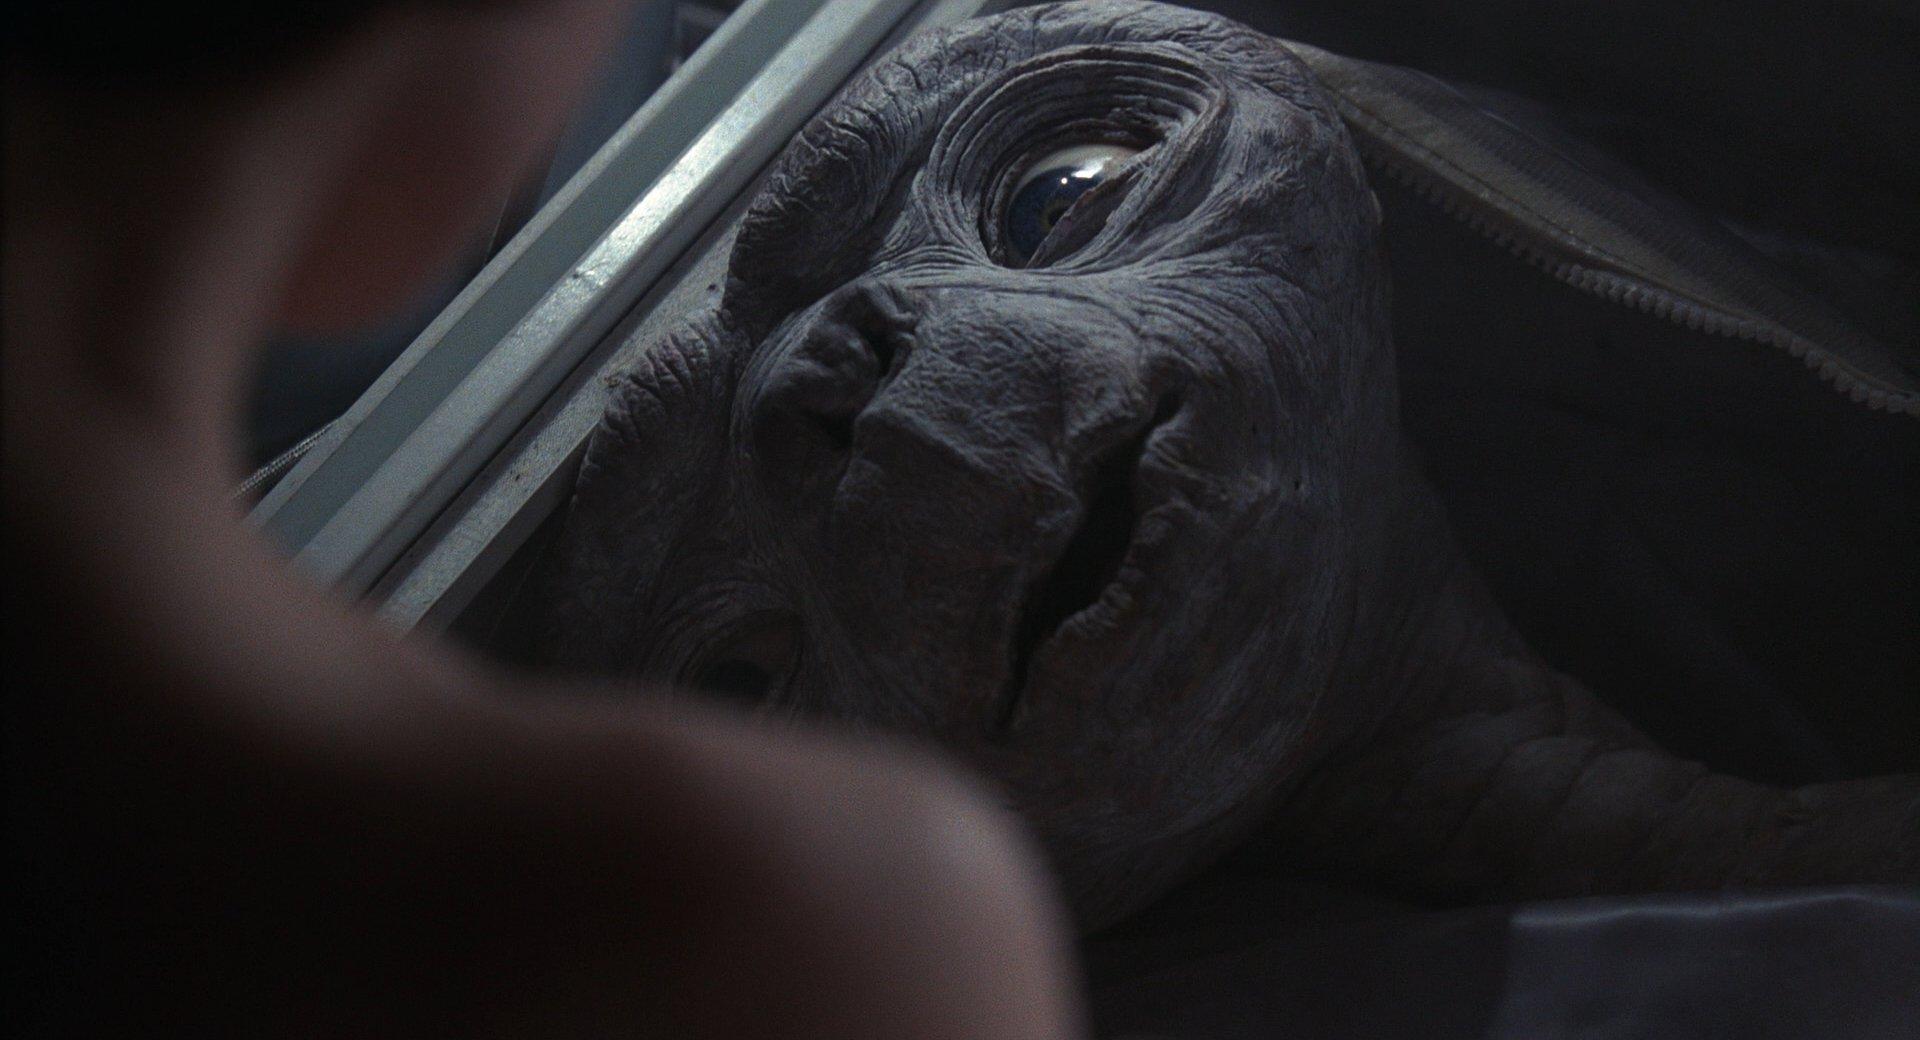 『E.T.』オウチカエル